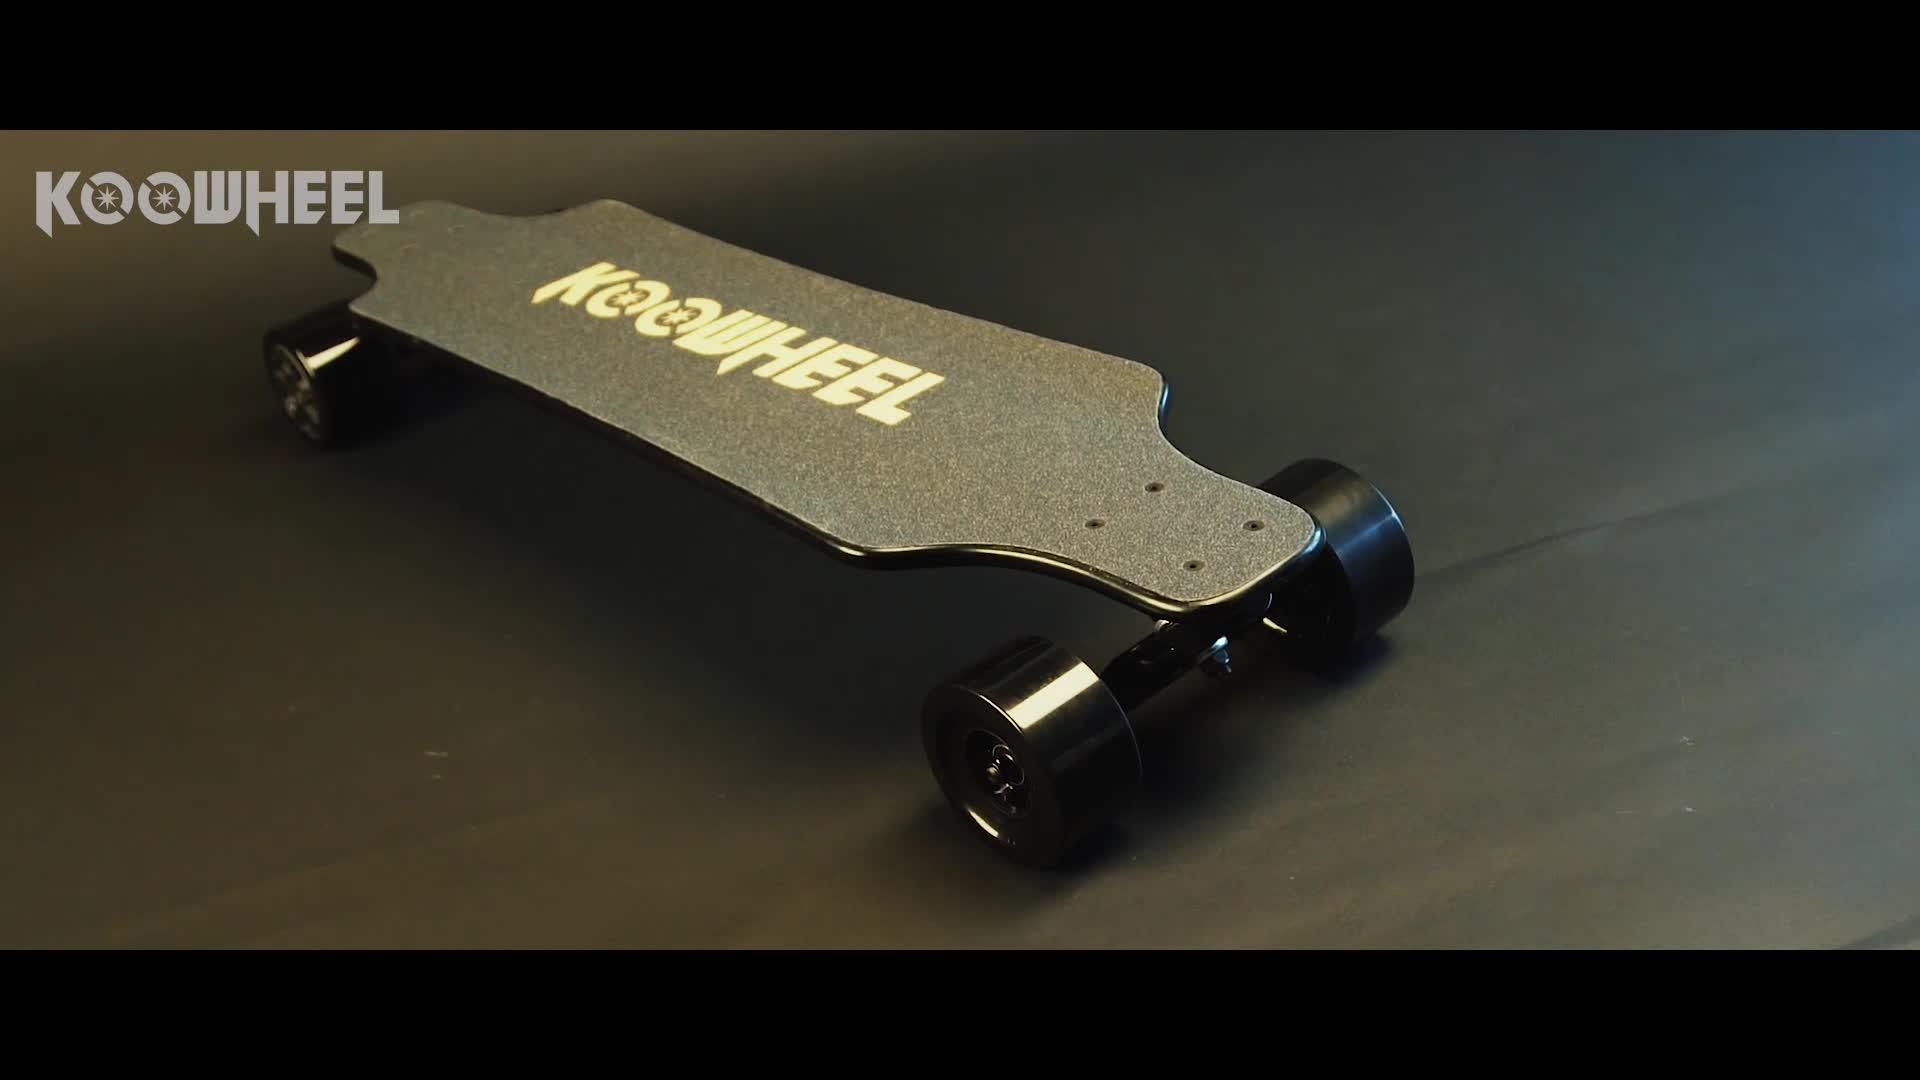 Koowheel billige fernbedienung motorisierte bord elektrische electro skateboard preis 800 watt